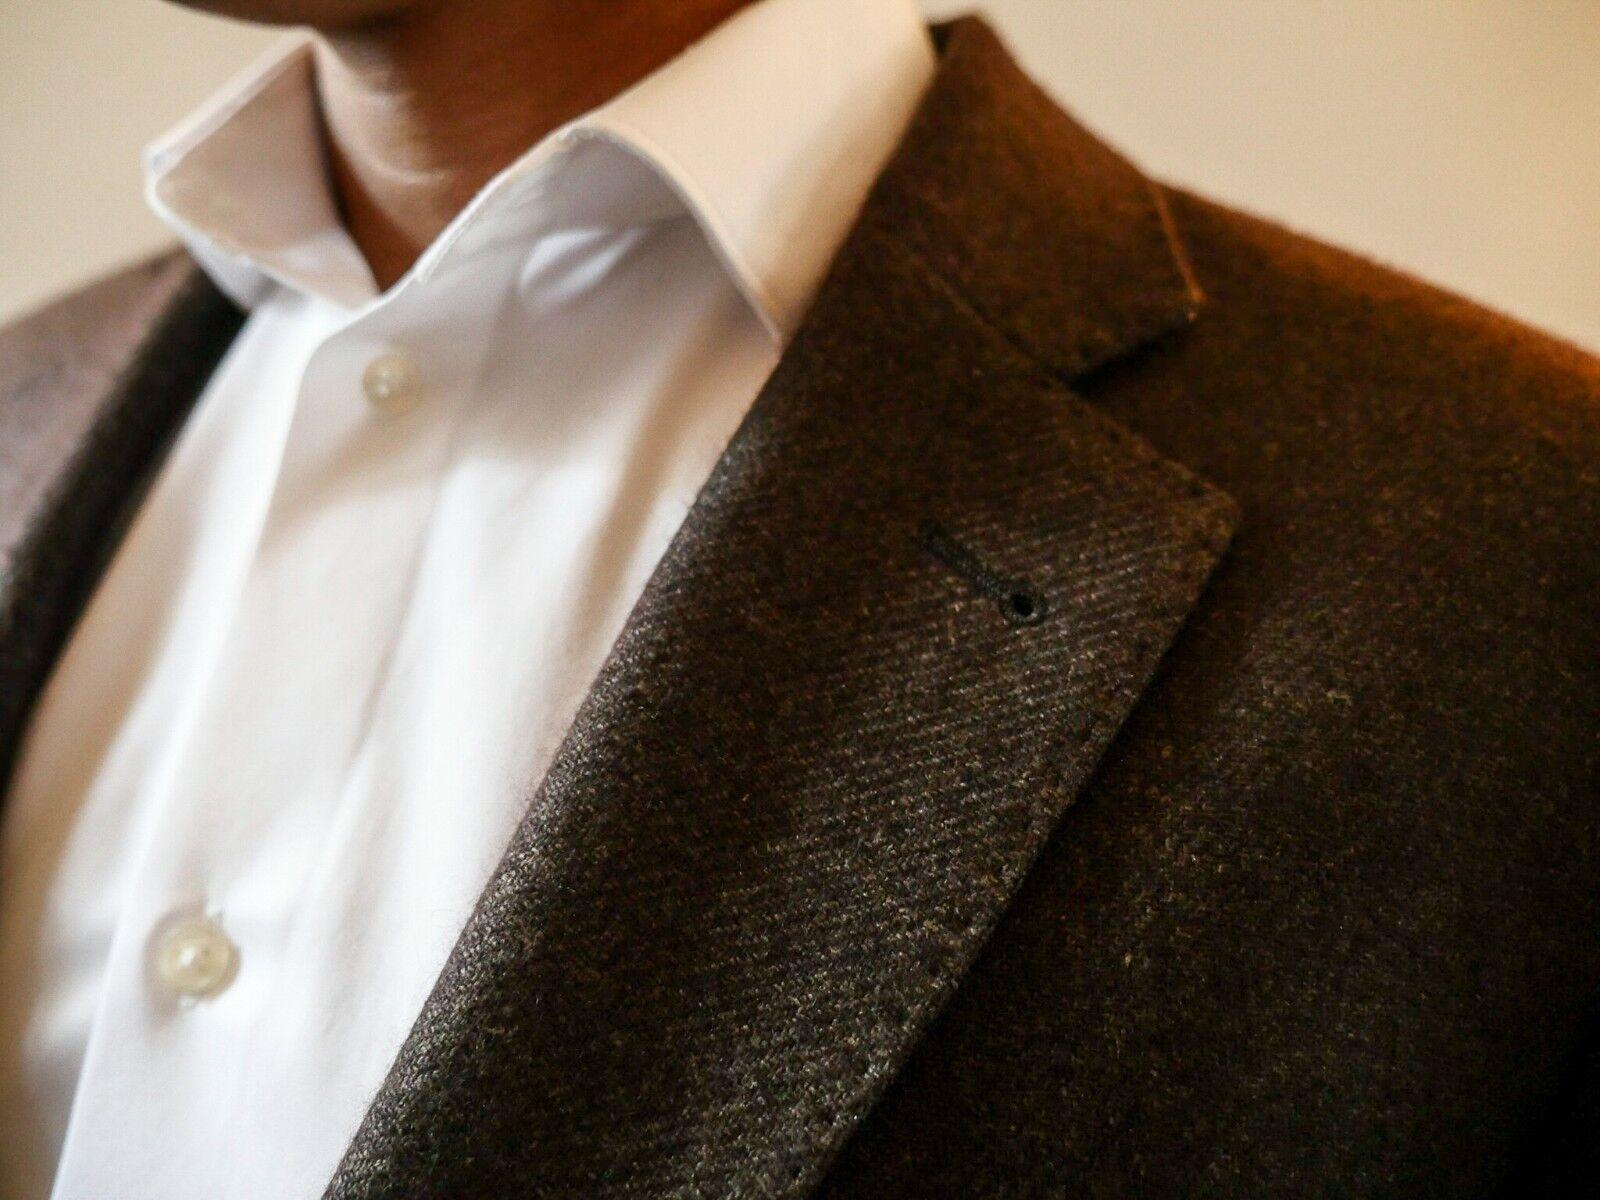 Brauner Sakko Material in Italien angefertigt 51% Hanf 49% Kaschmir Größe 54   | Gute Qualität  | Sale Outlet  | Neuheit